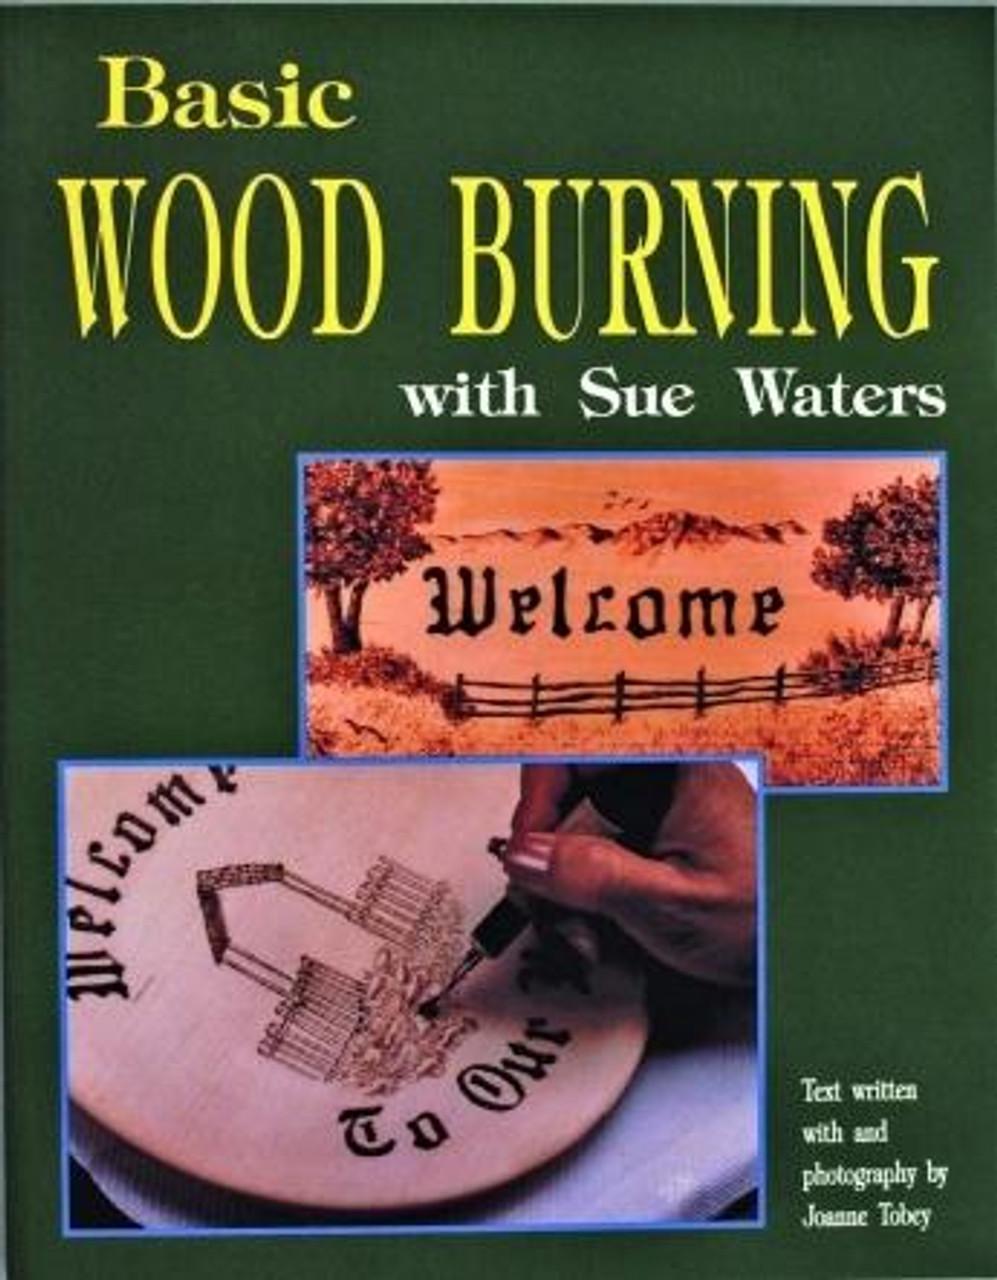 Schiffer Publishing Basic Wood burning